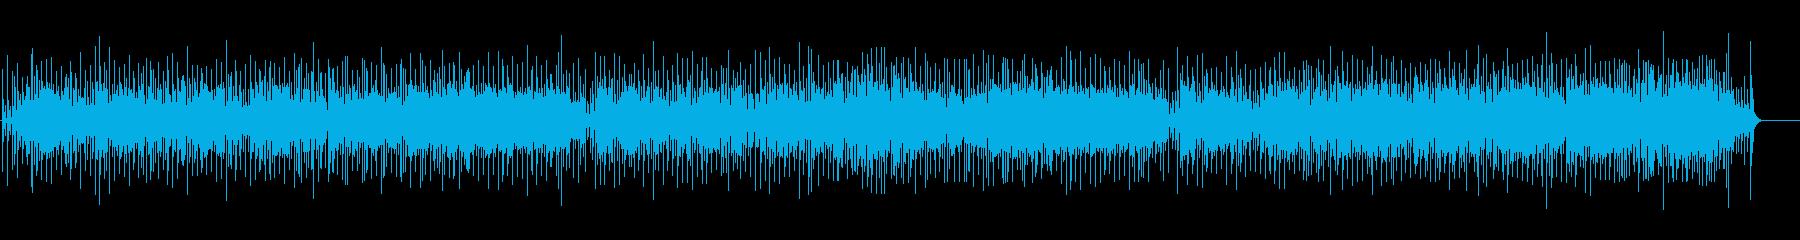 三味線が奏でる和風ポップスの再生済みの波形